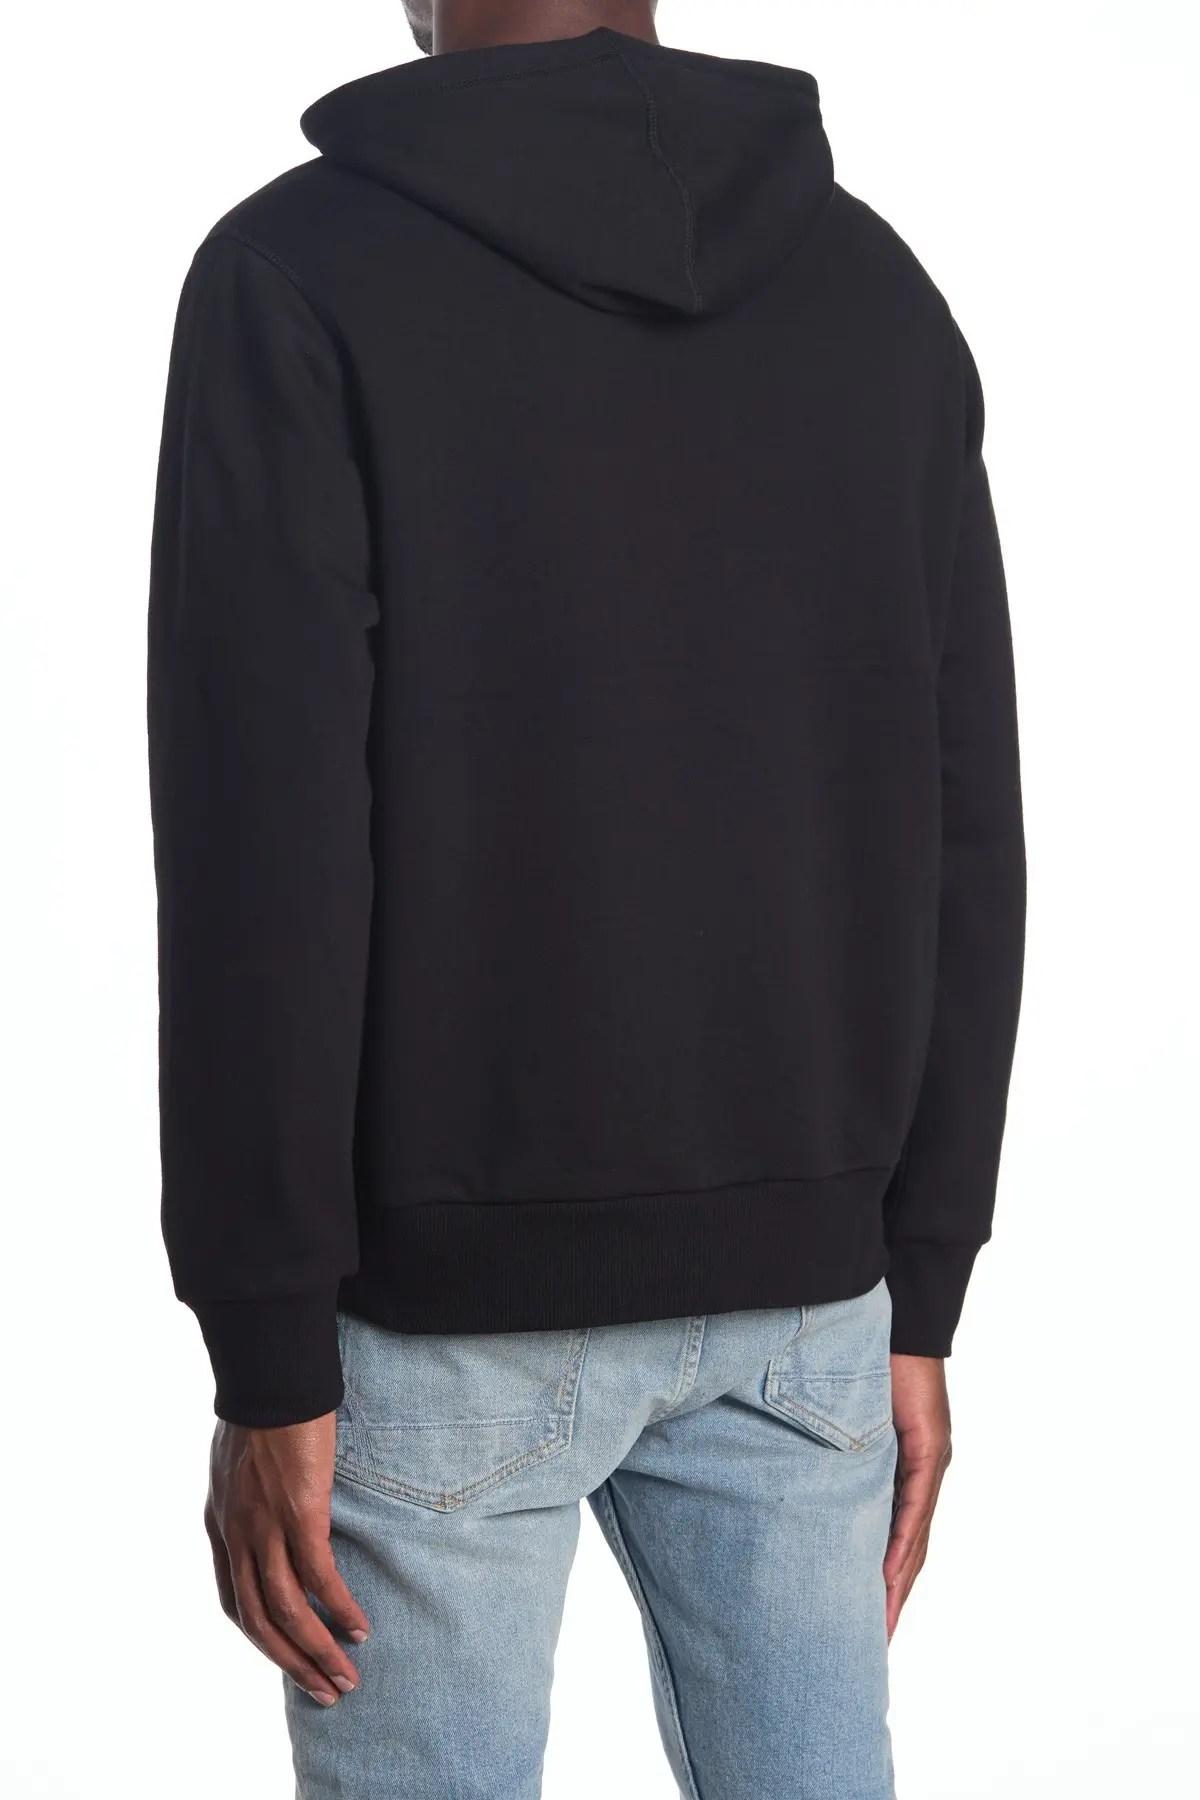 hurley men s sweatshirts hoodies